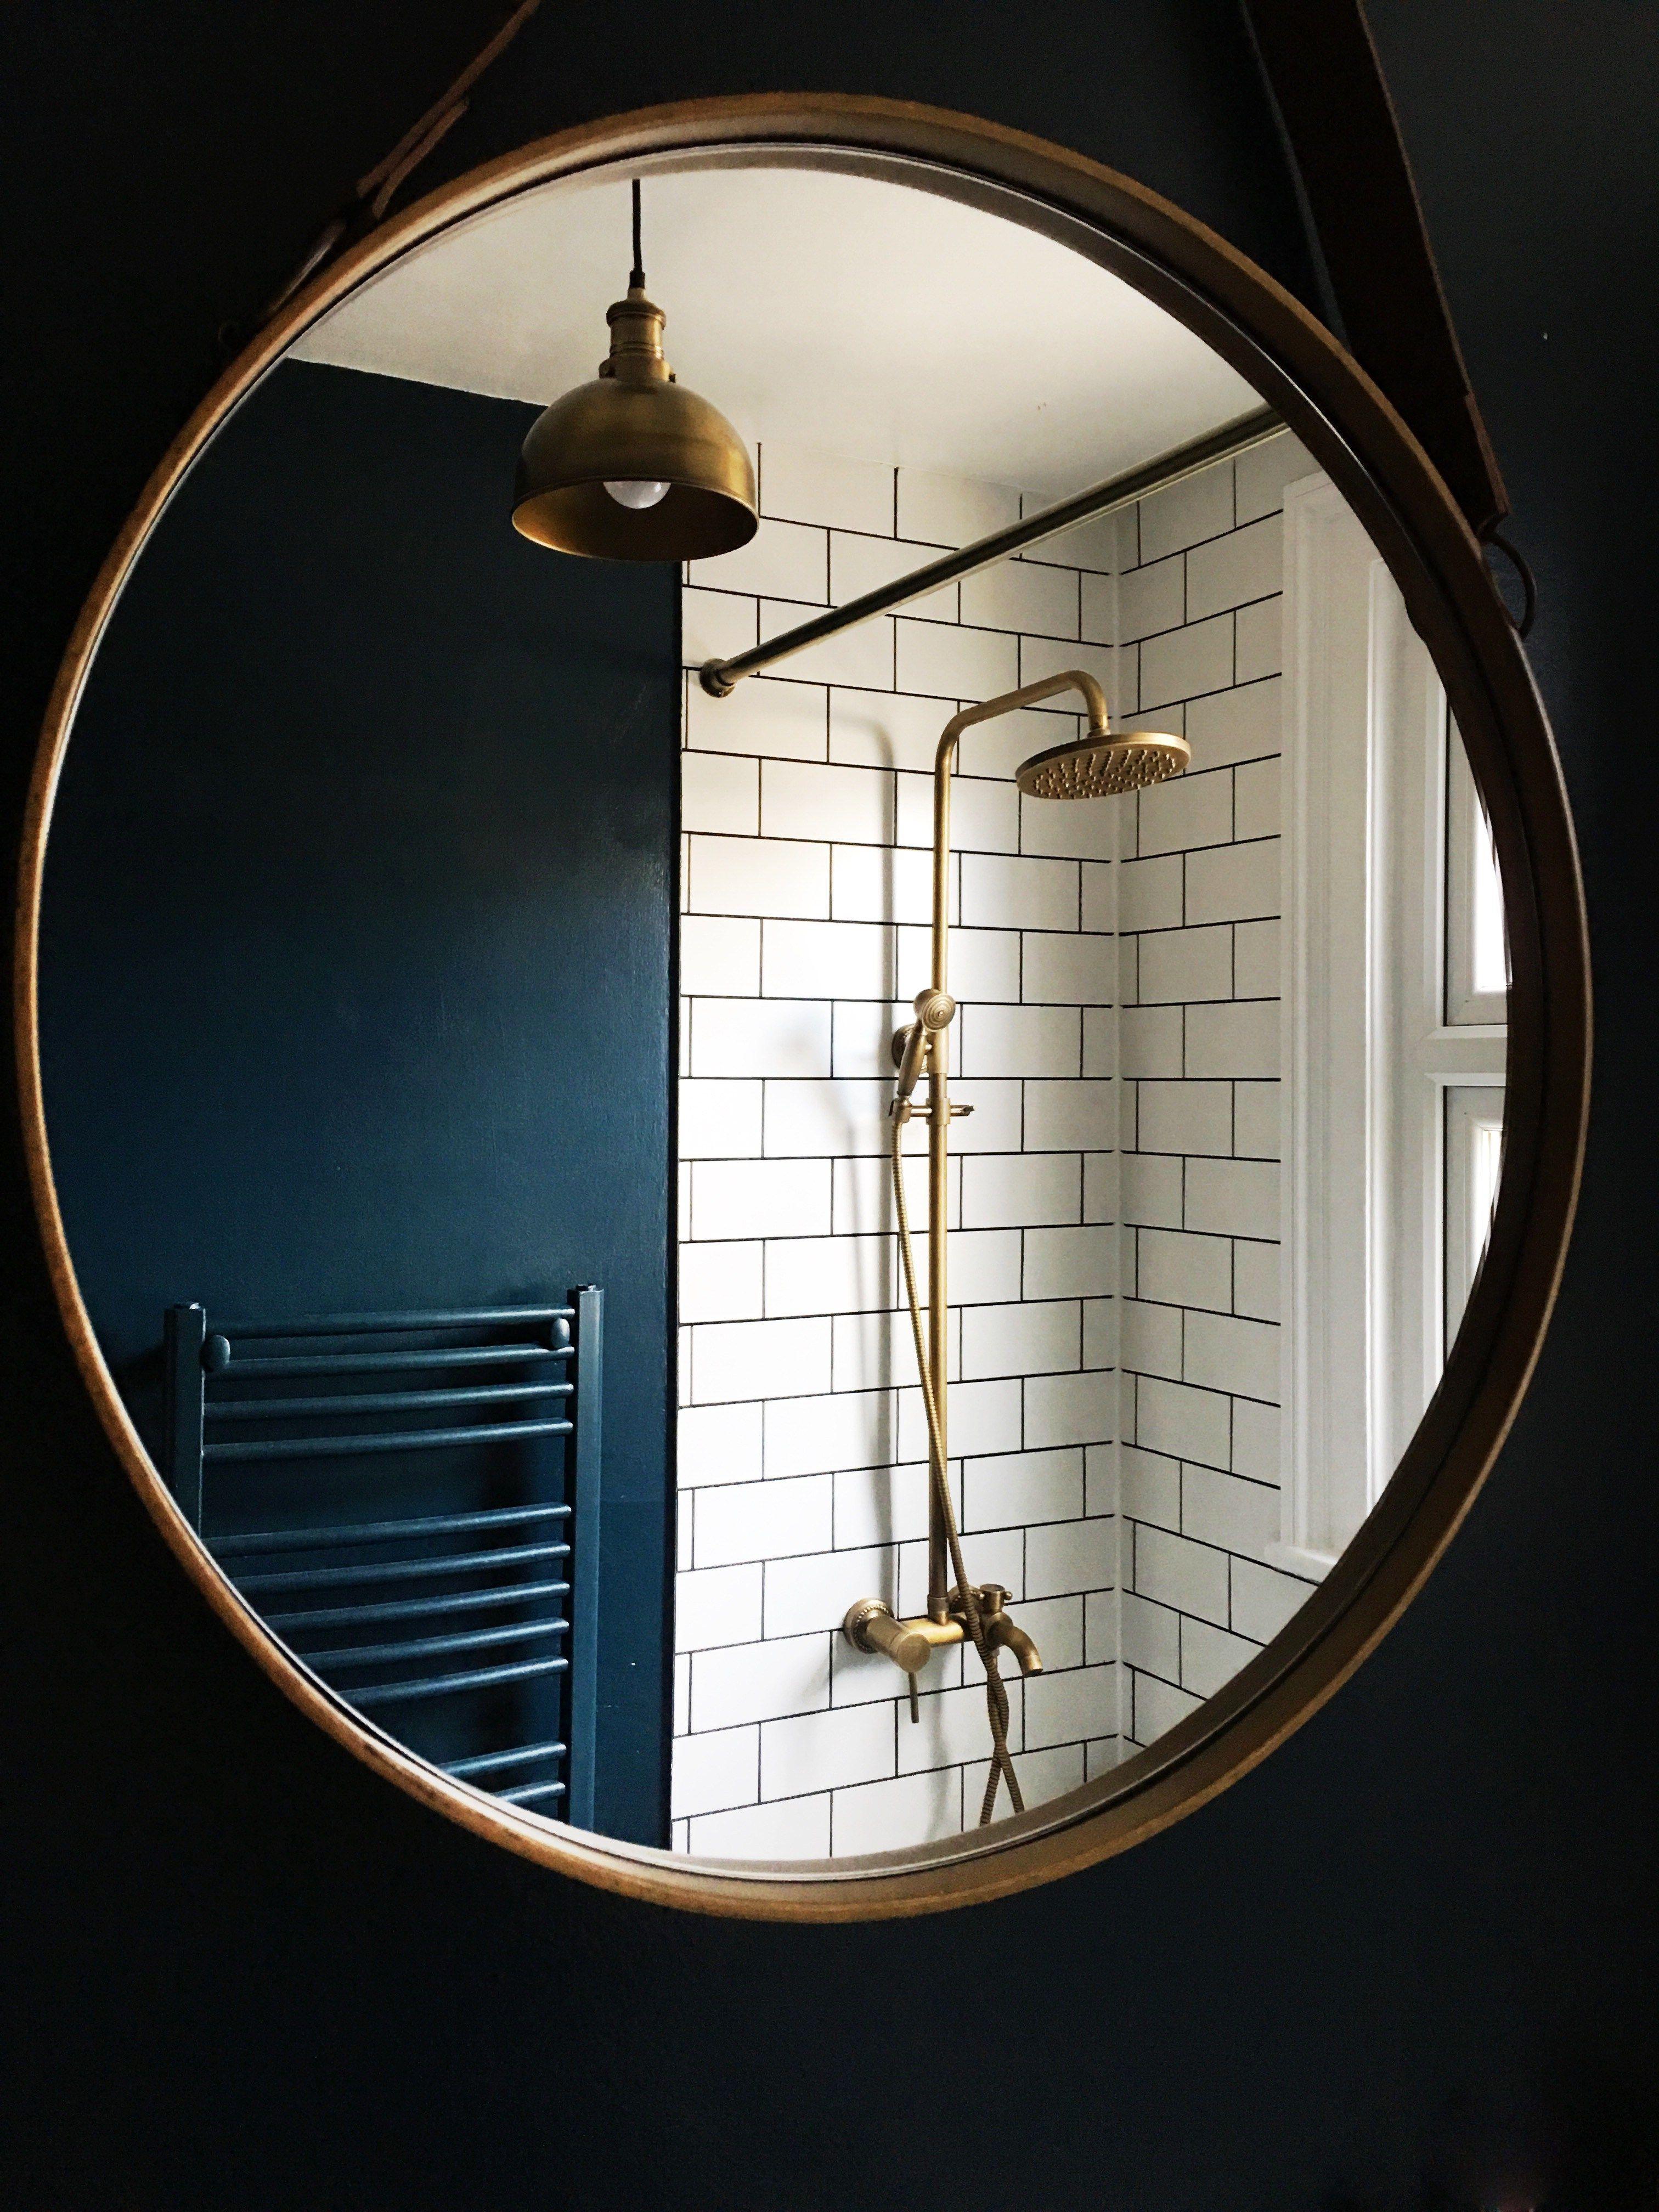 forma plus interdesign suction steel free stainless mirror kitchen fog shower stuff